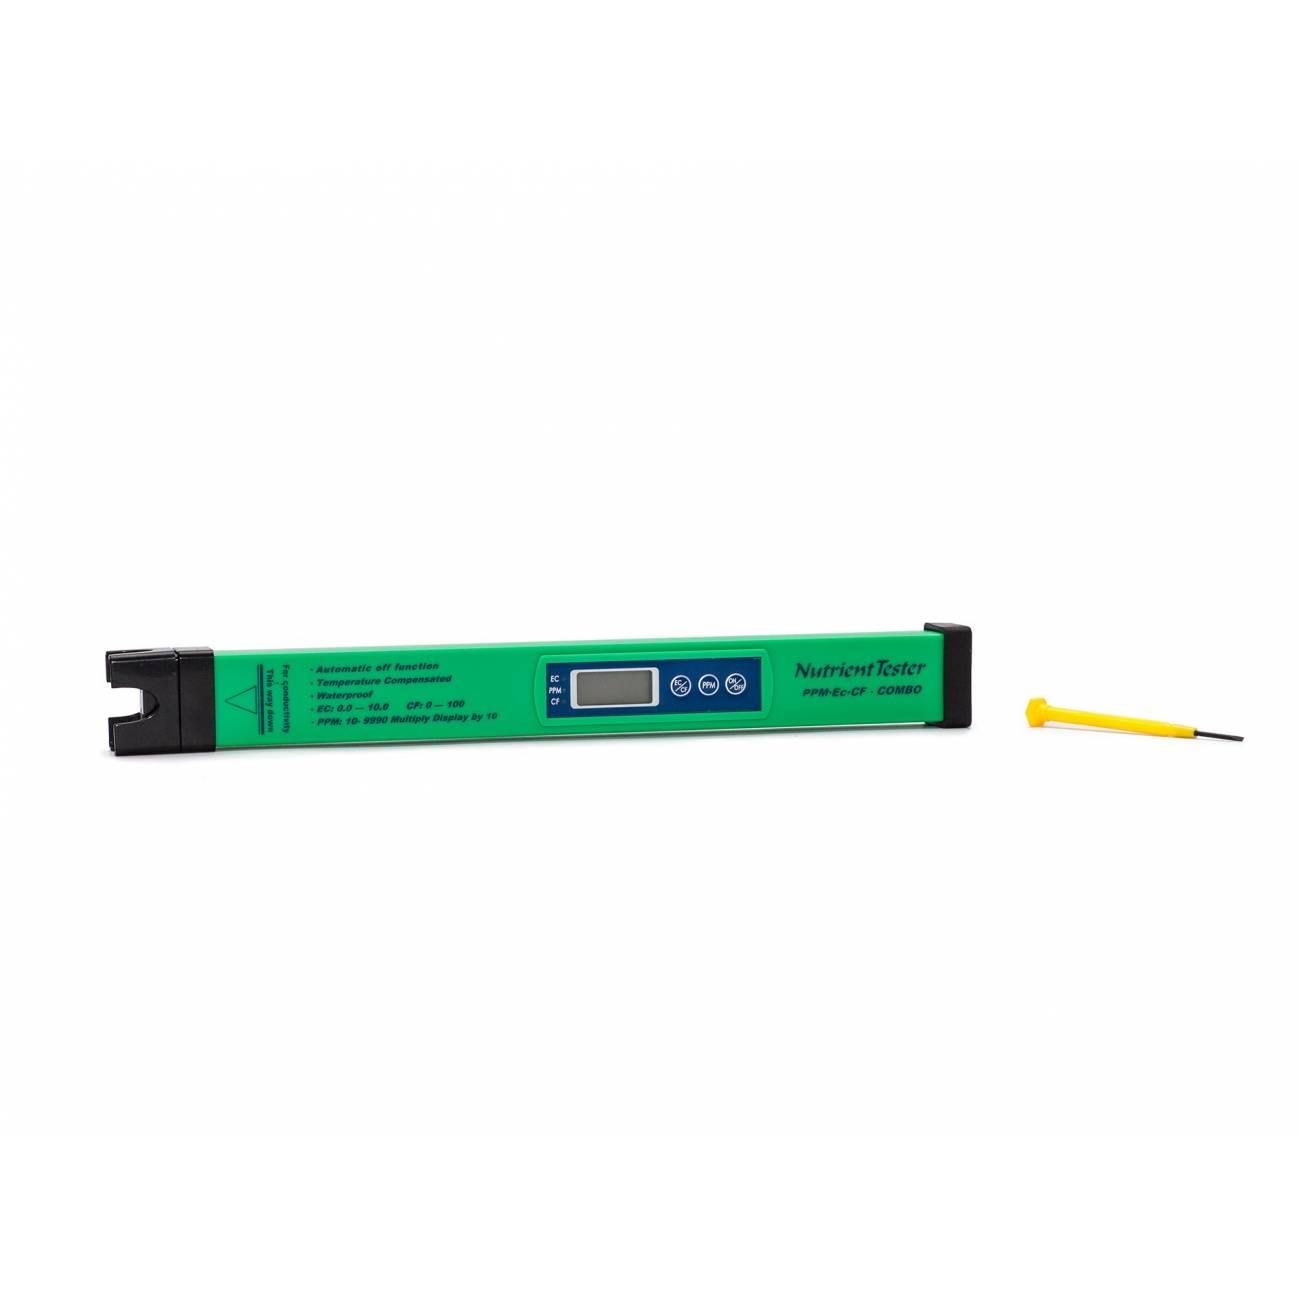 Precision Nutrient/EC Meter